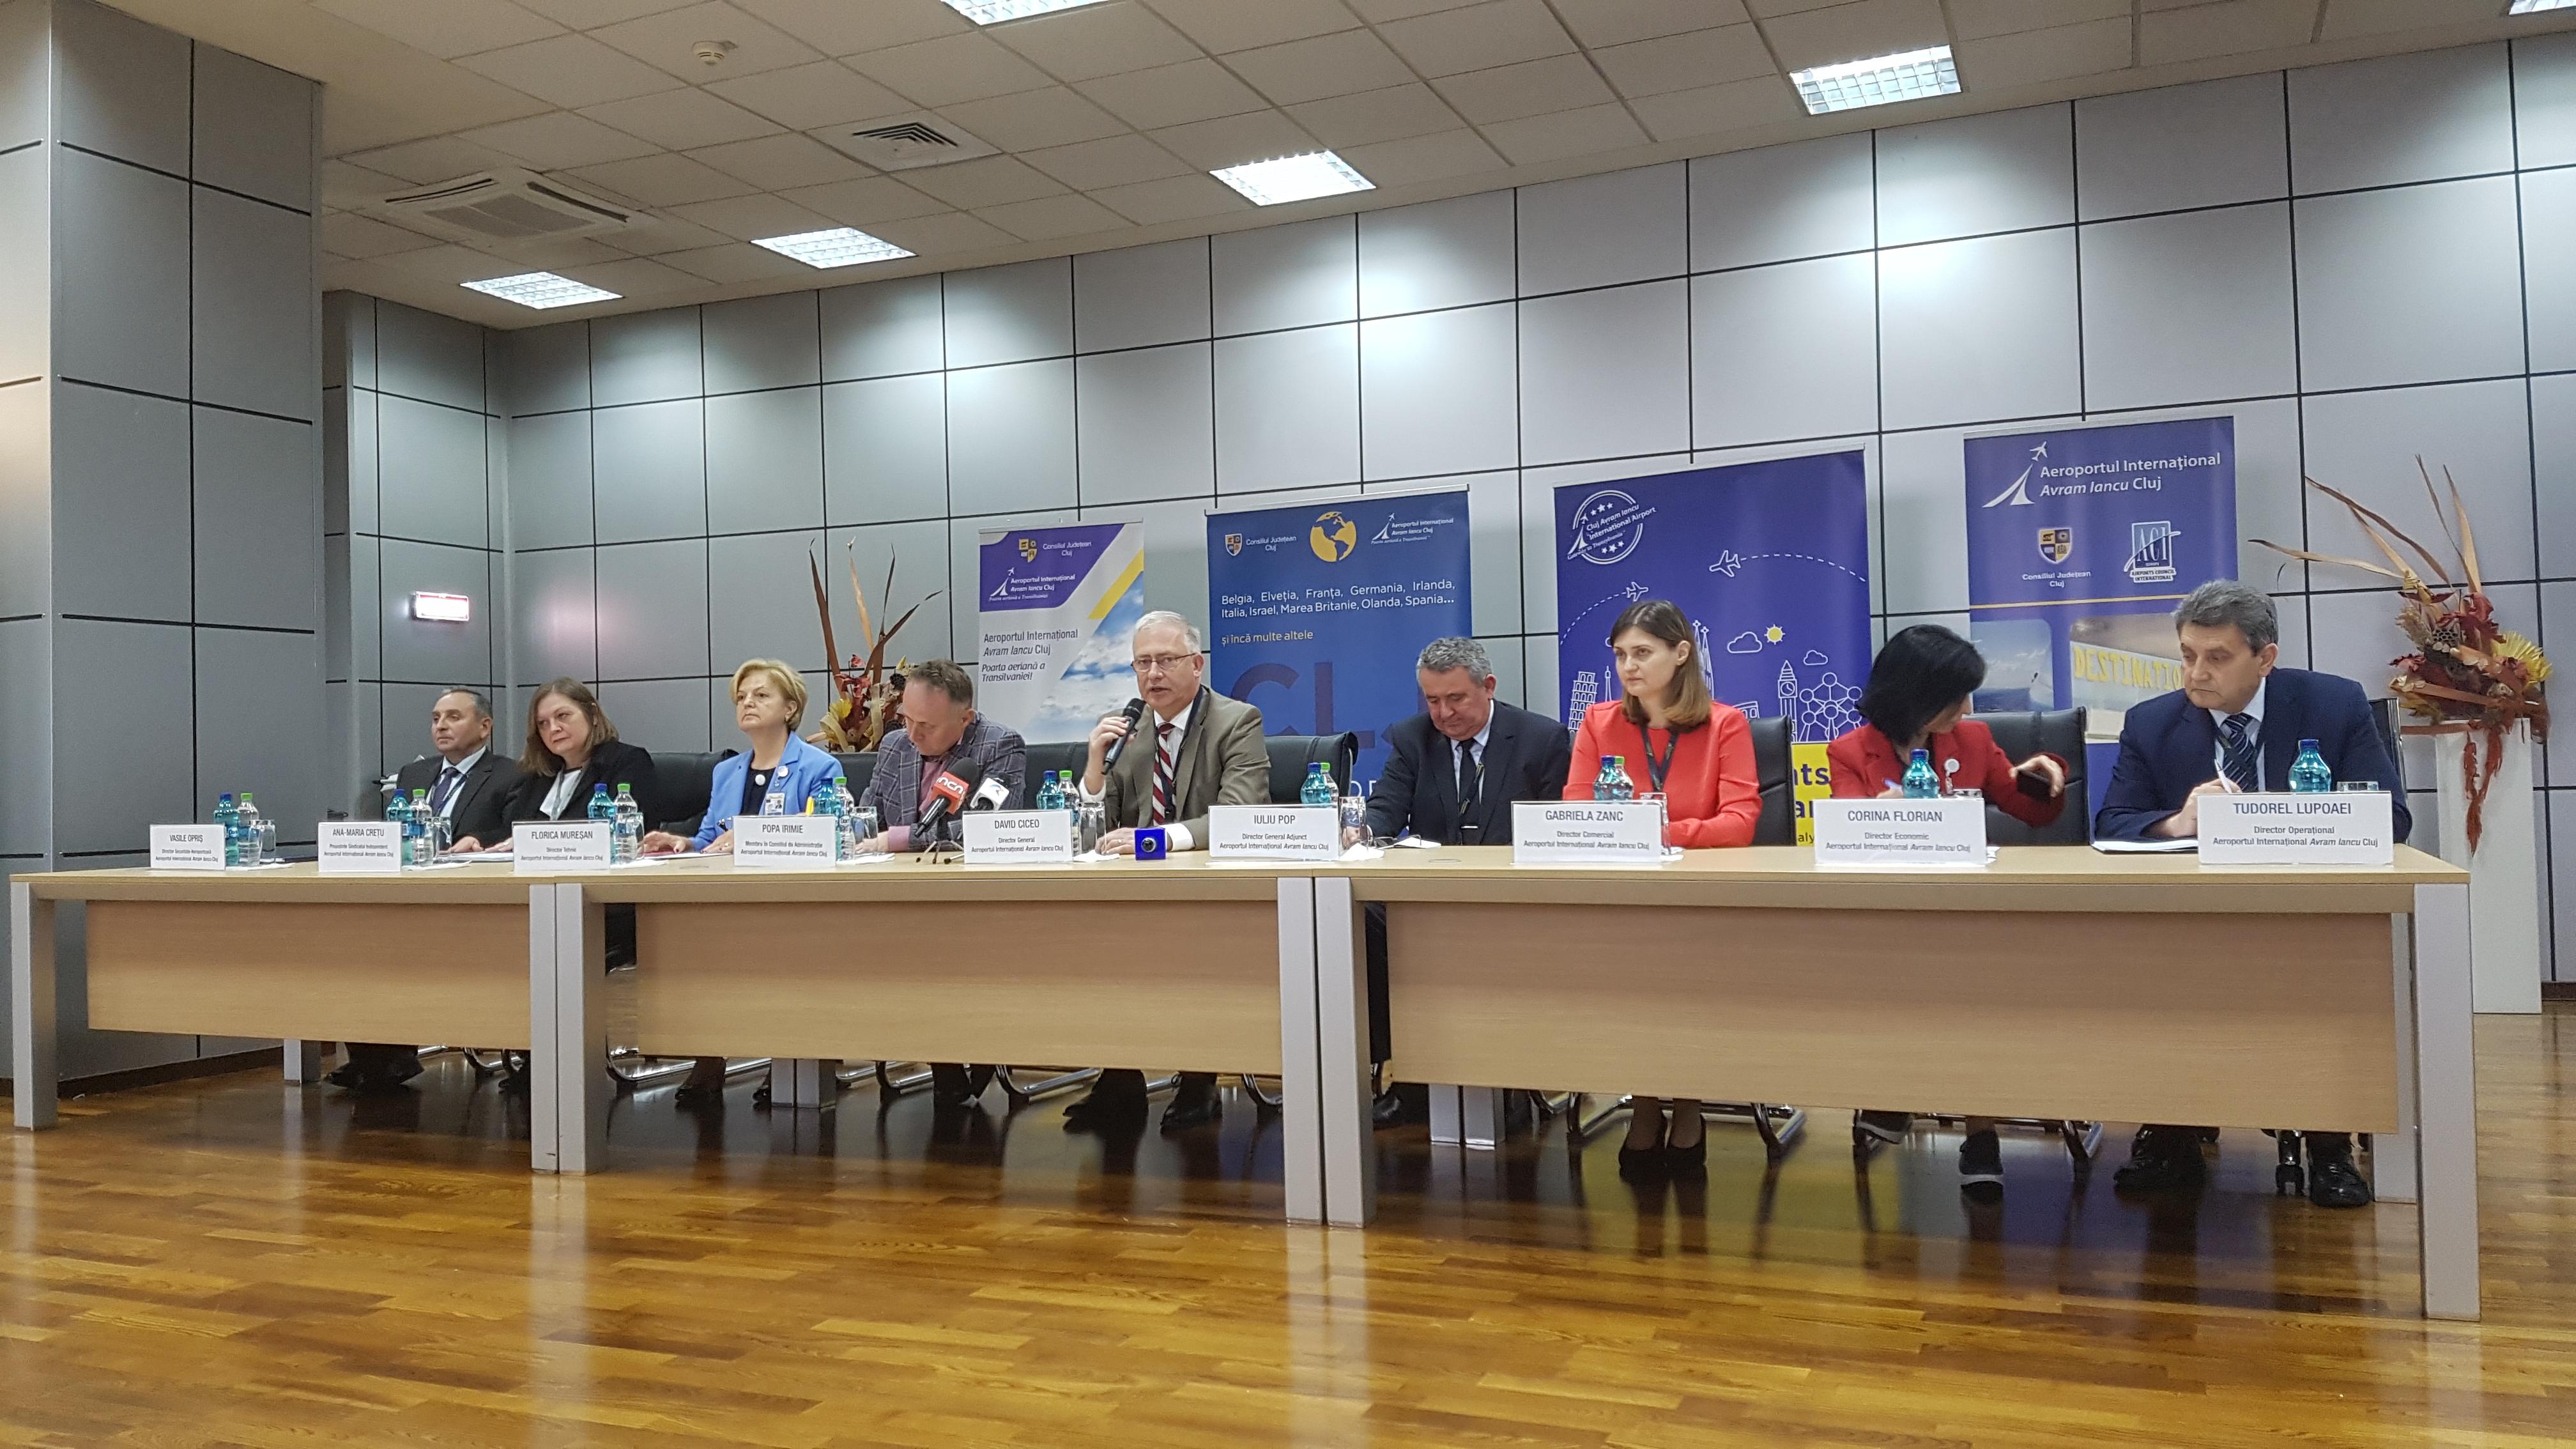 www.stiridecluj.ro